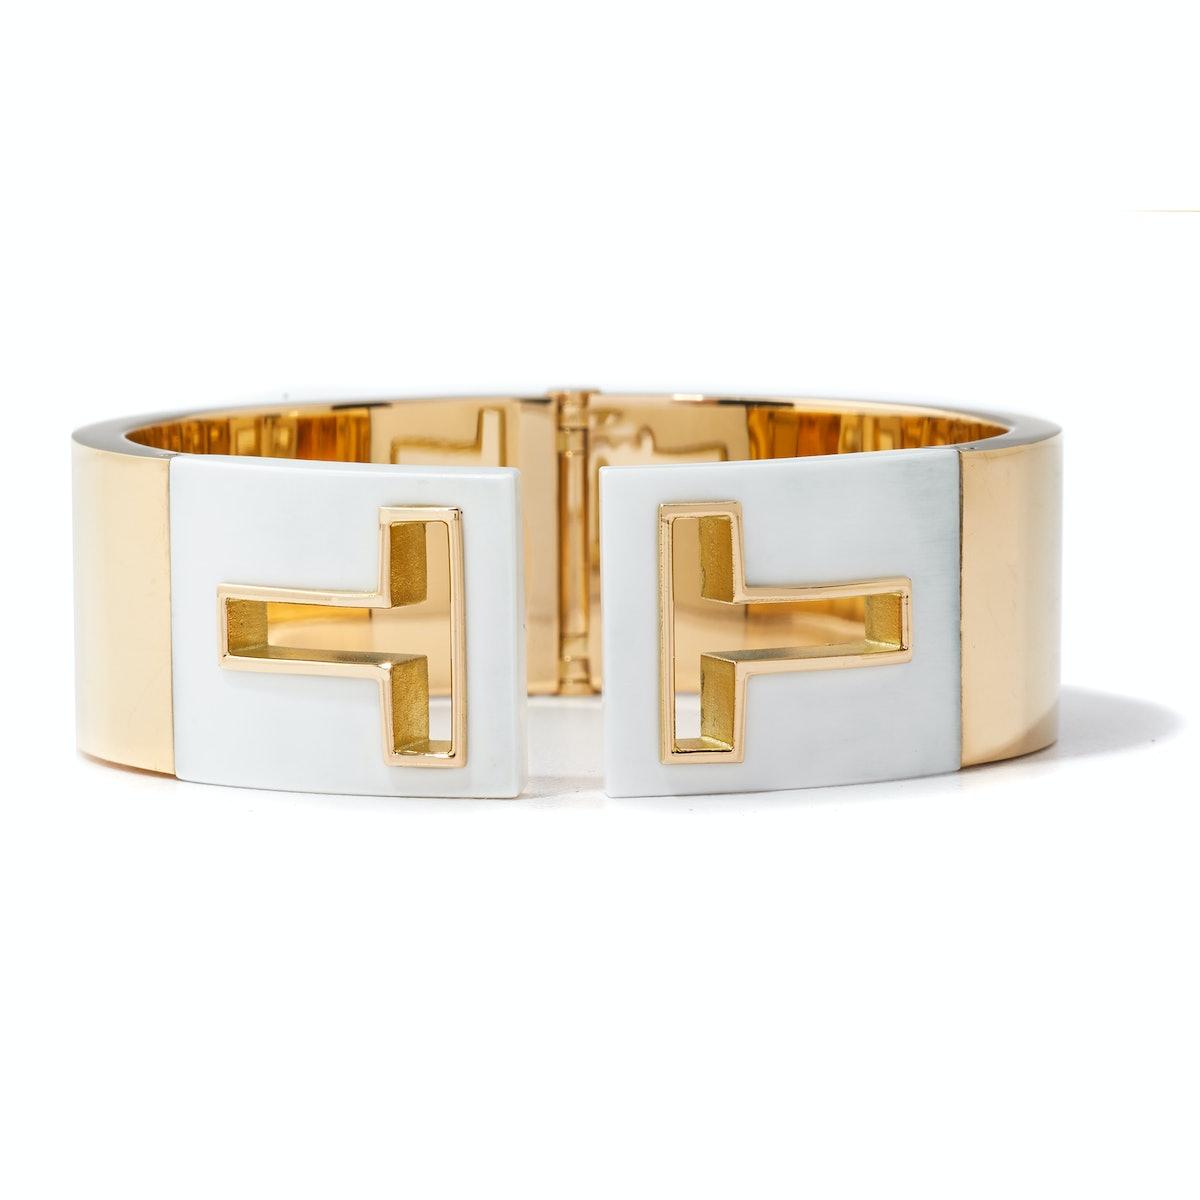 Tiffany & Co. gold and ceramic cuff,